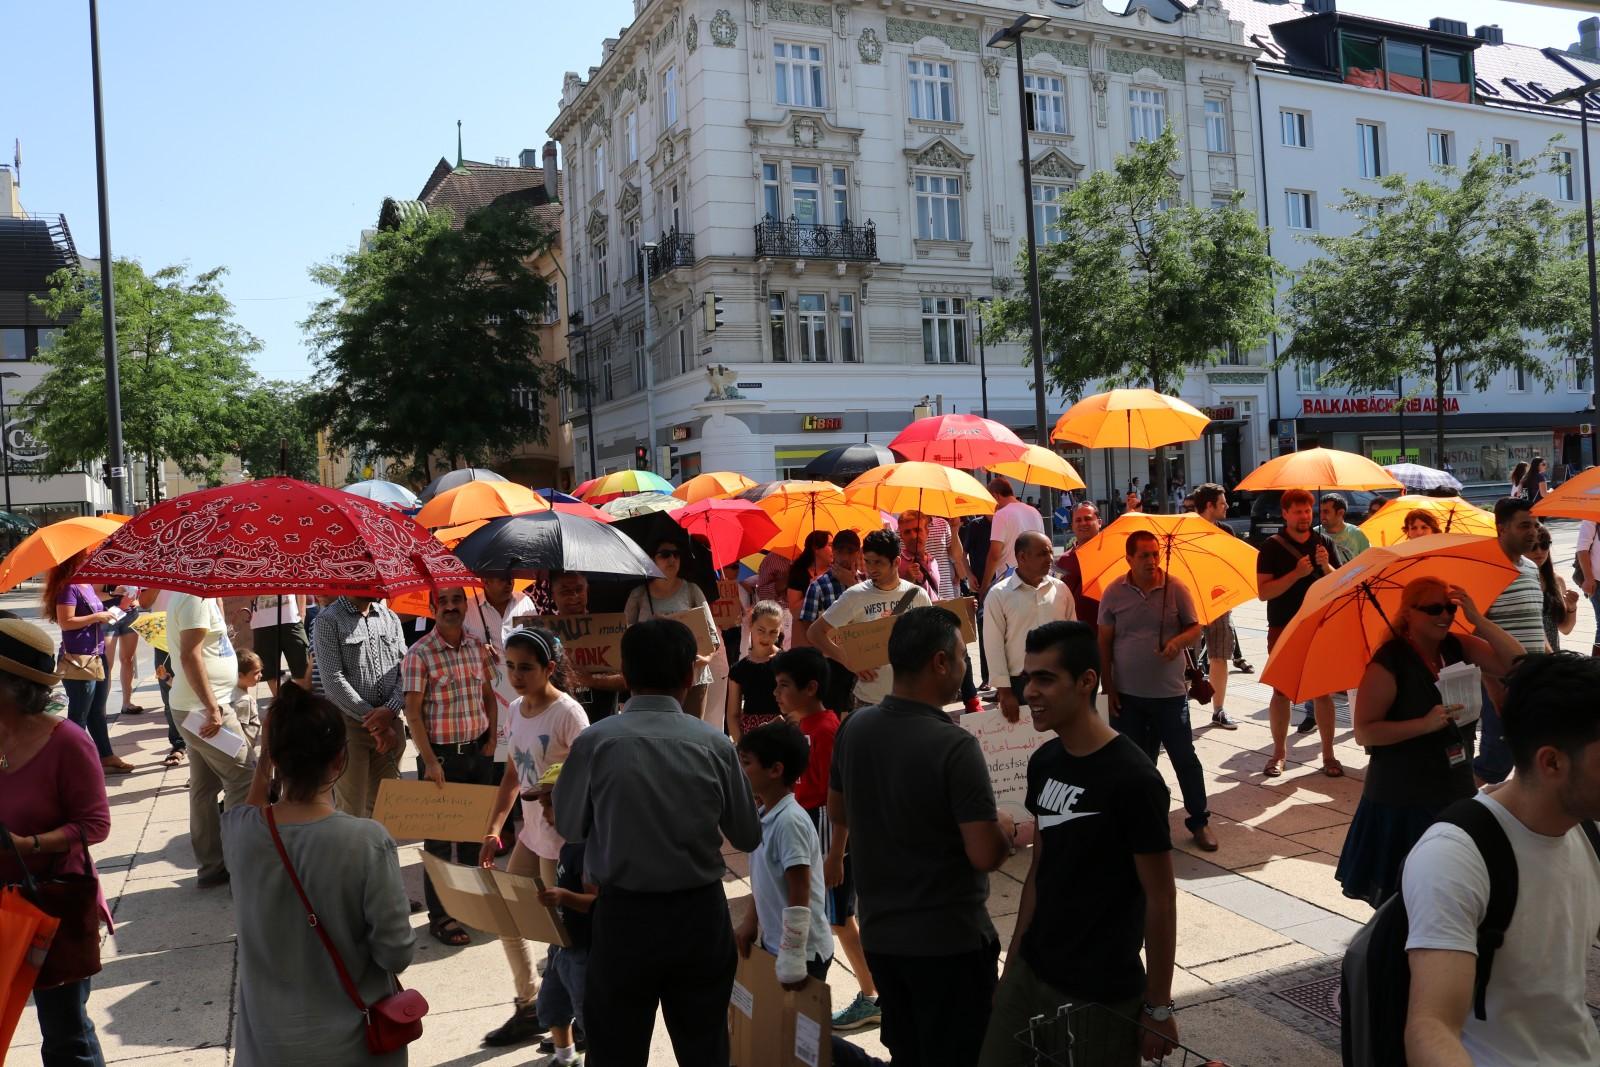 St. Pölten spannt die Schirme auf!